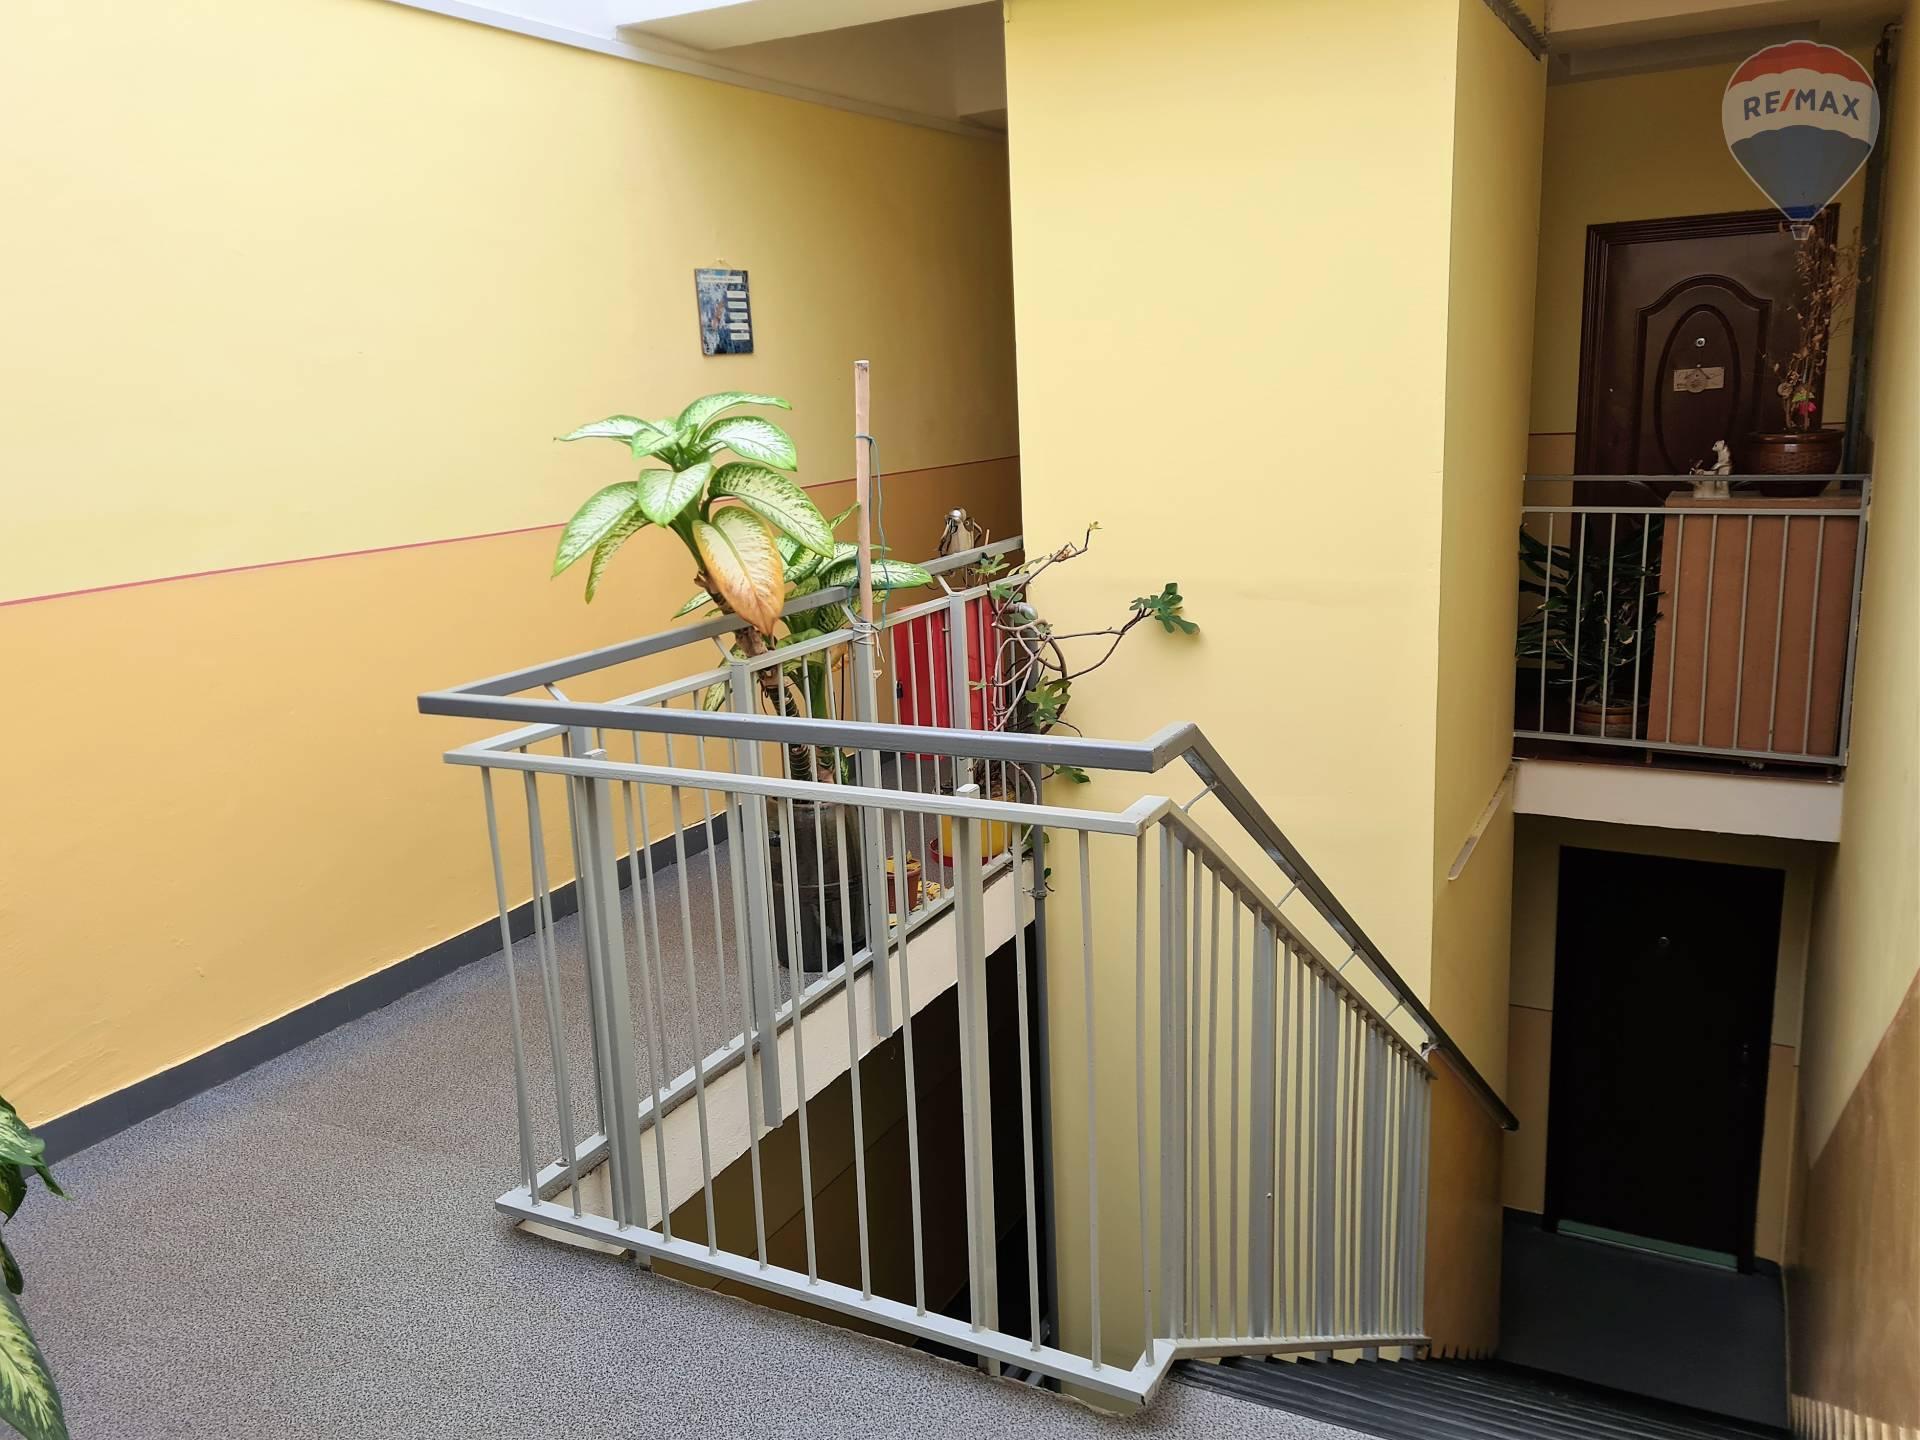 Predaj bytu (3 izbový) 77 m2, Liptovský Mikuláš - schodisko